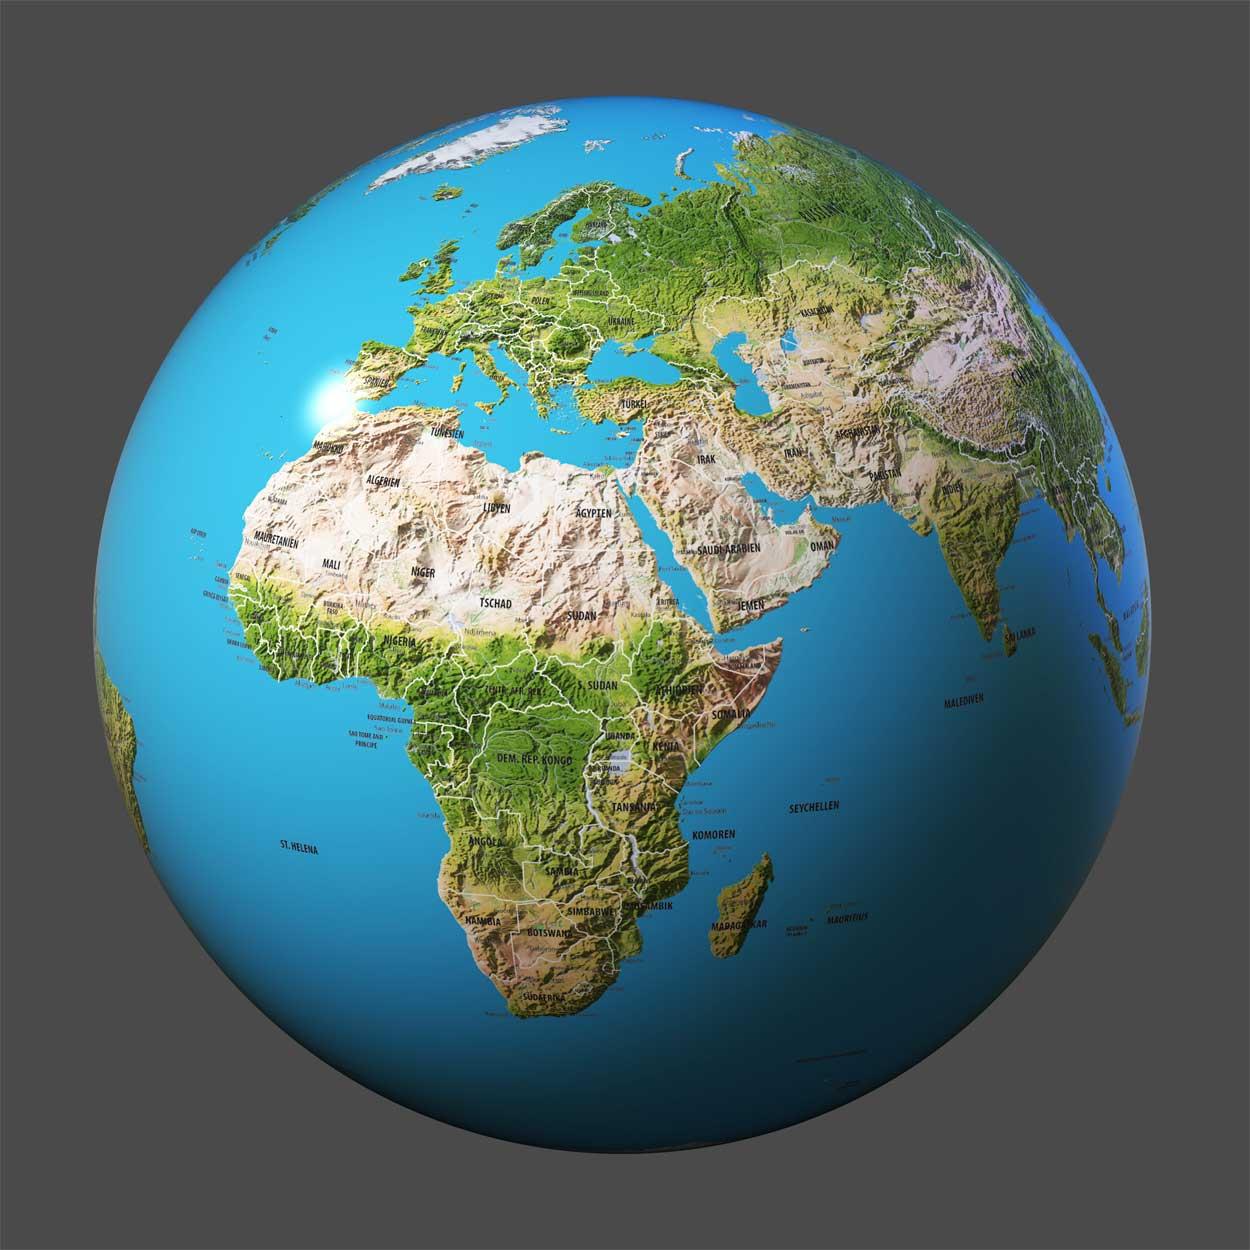 xxl globus mieten oder kaufen weltkugel globus ab 2m durchmesser. Black Bedroom Furniture Sets. Home Design Ideas